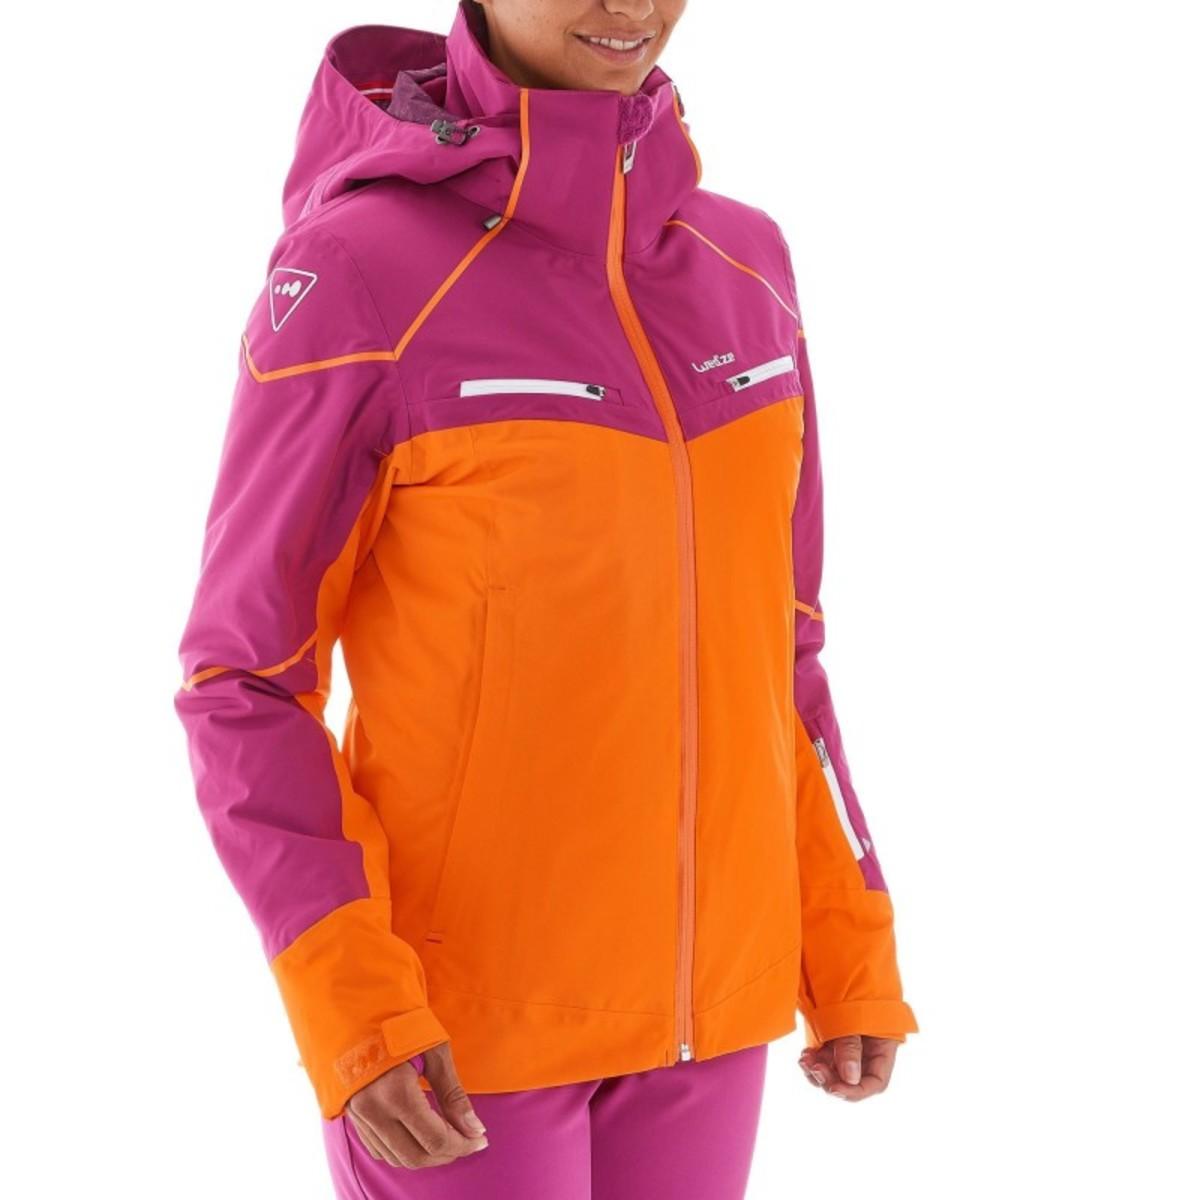 Bild 5 von WED´ZE Skijacke Slide 700 Damen lila/orange, Größe: XS